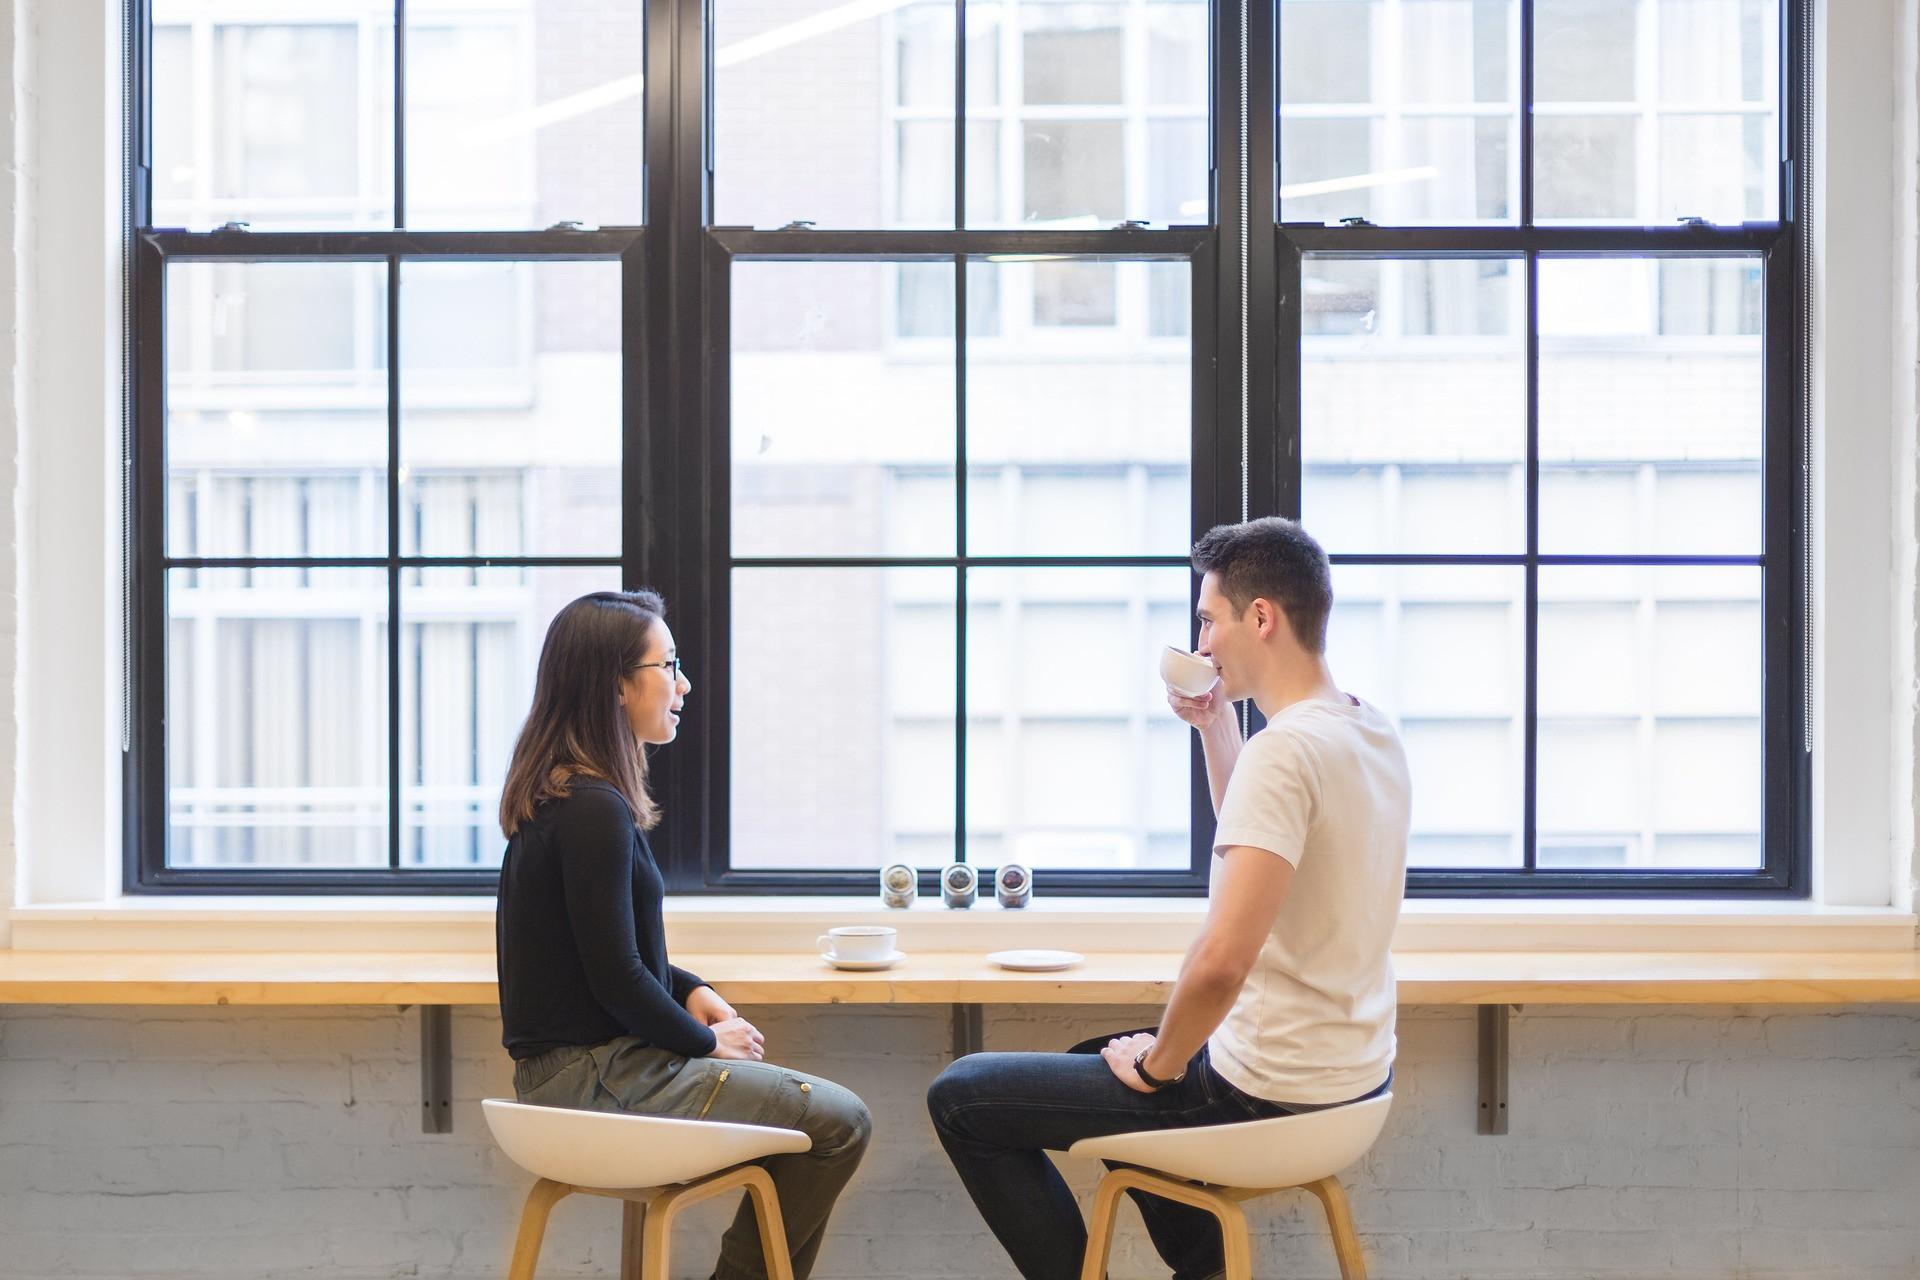 Ladies, Ingin Membuat Kekasih Terpesona, Lakukan 5 Hal Ini - JPNN.com